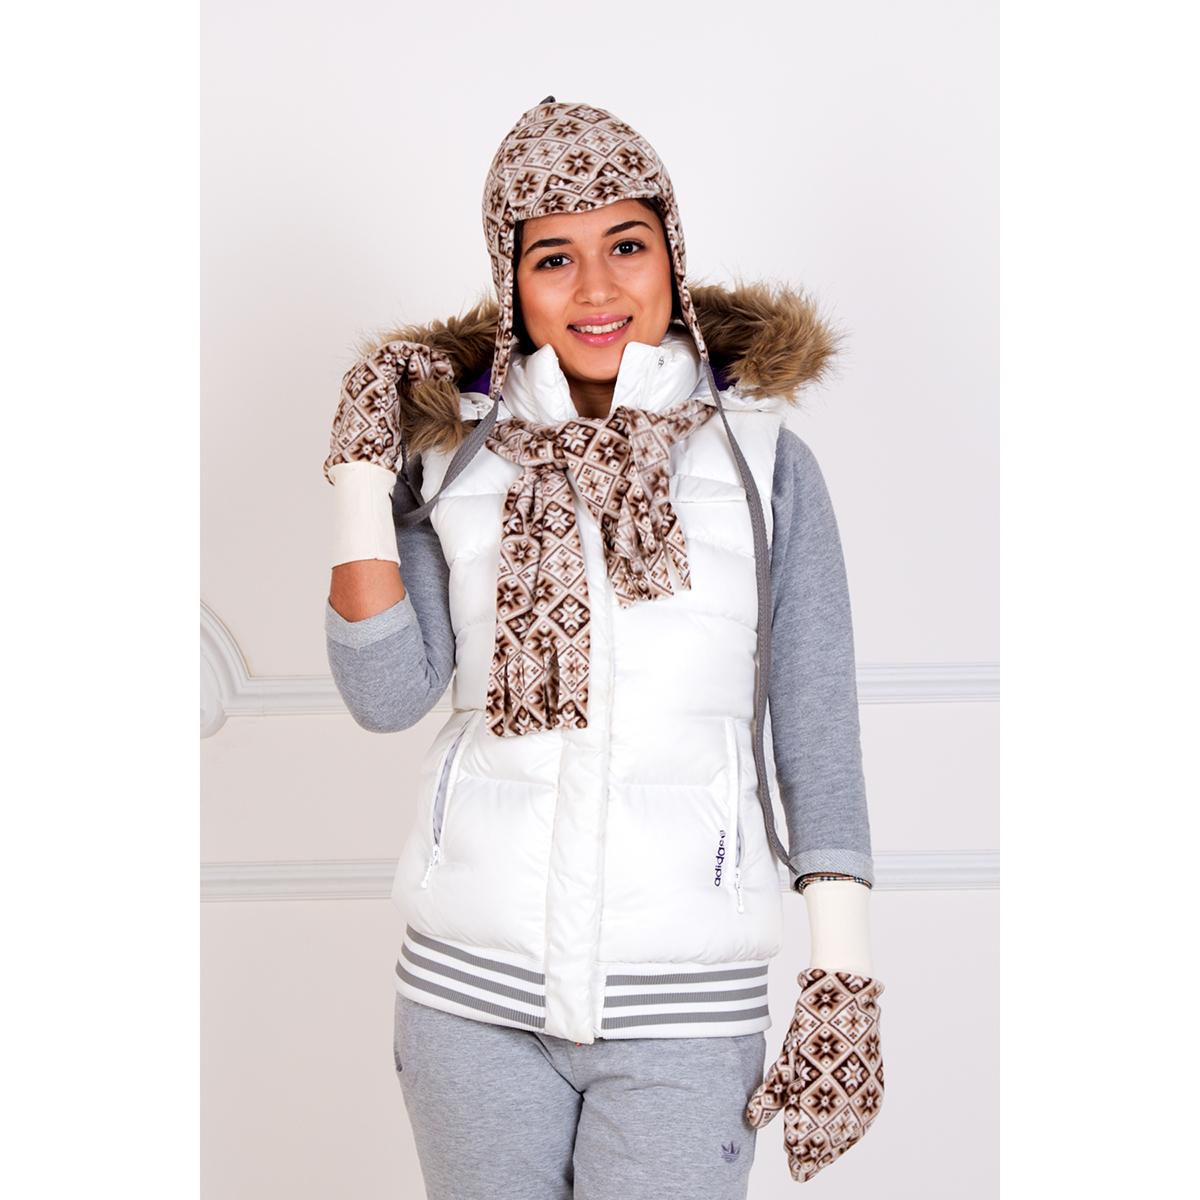 Комплект  Морозко  арт. 0165 - Женская одежда артикул: 16030